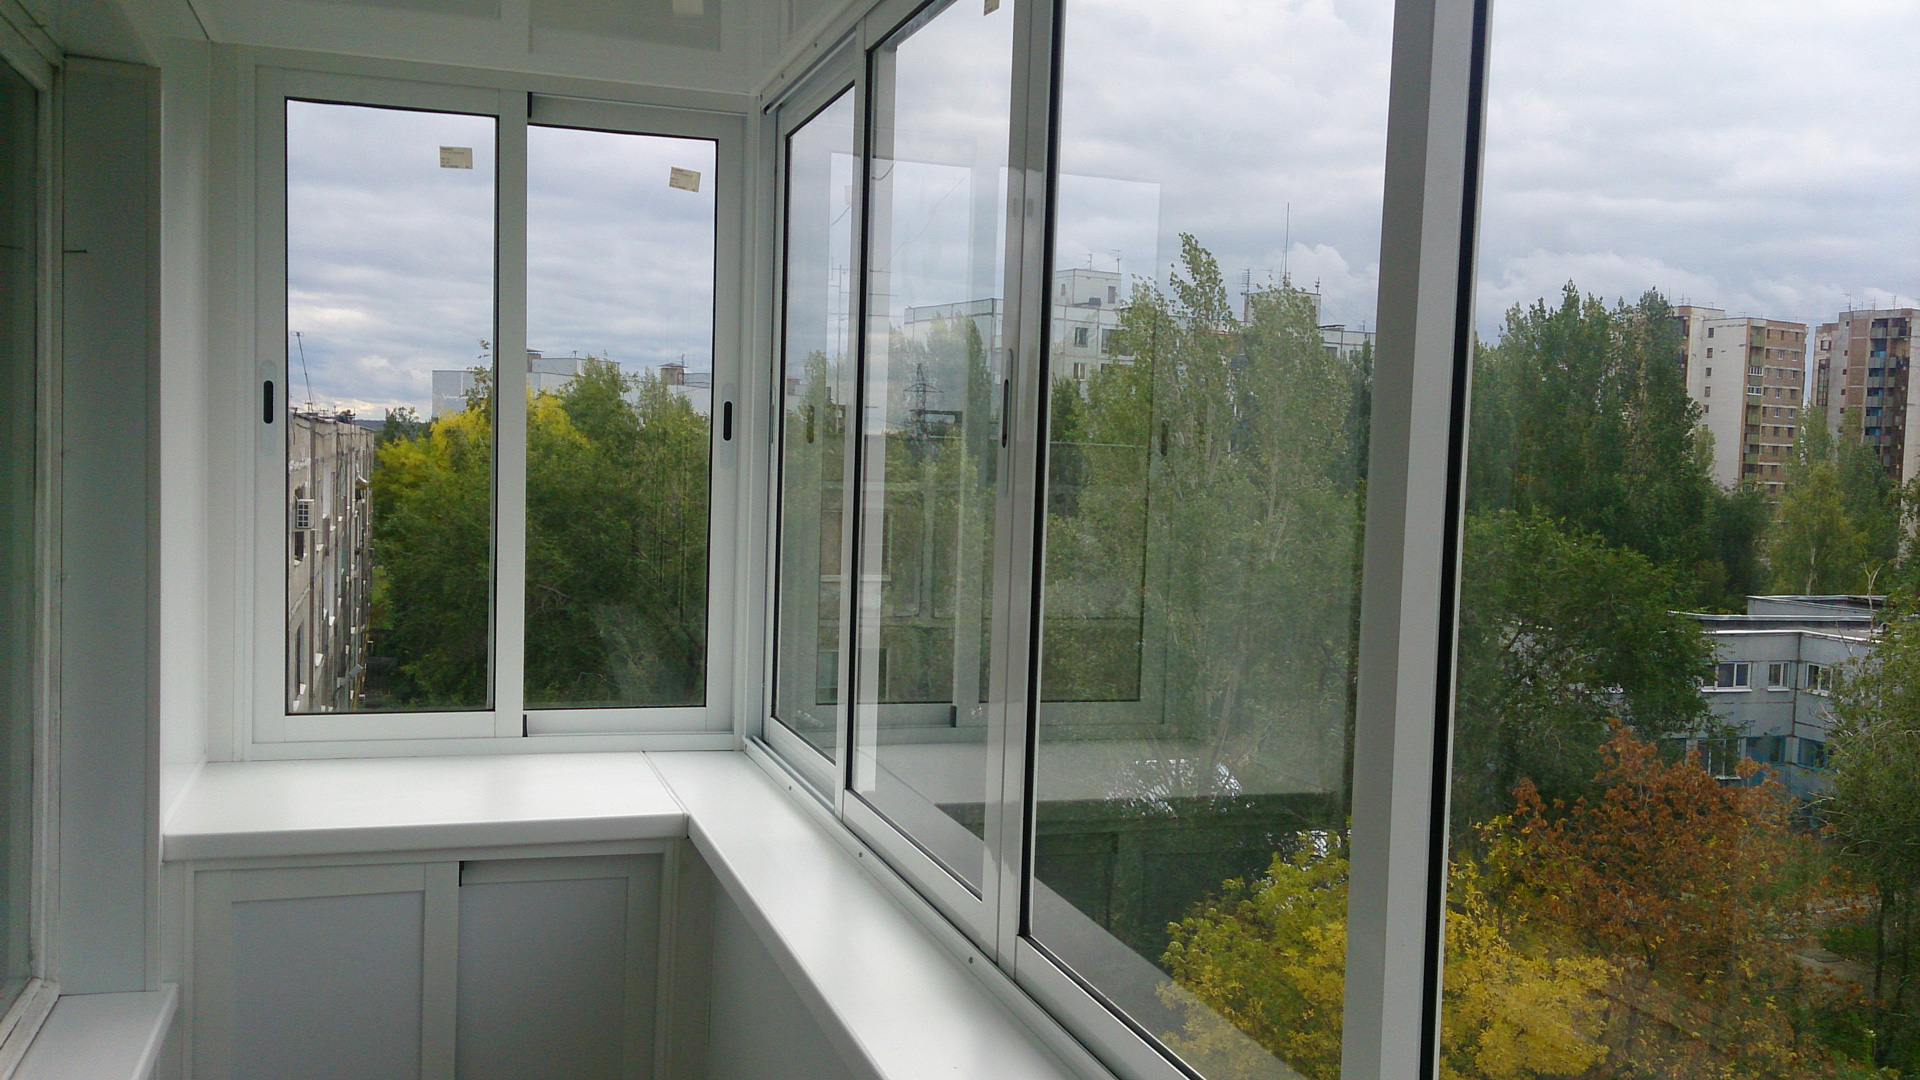 Застеклить балкон раздвижными окнами, остекление слайдорс.